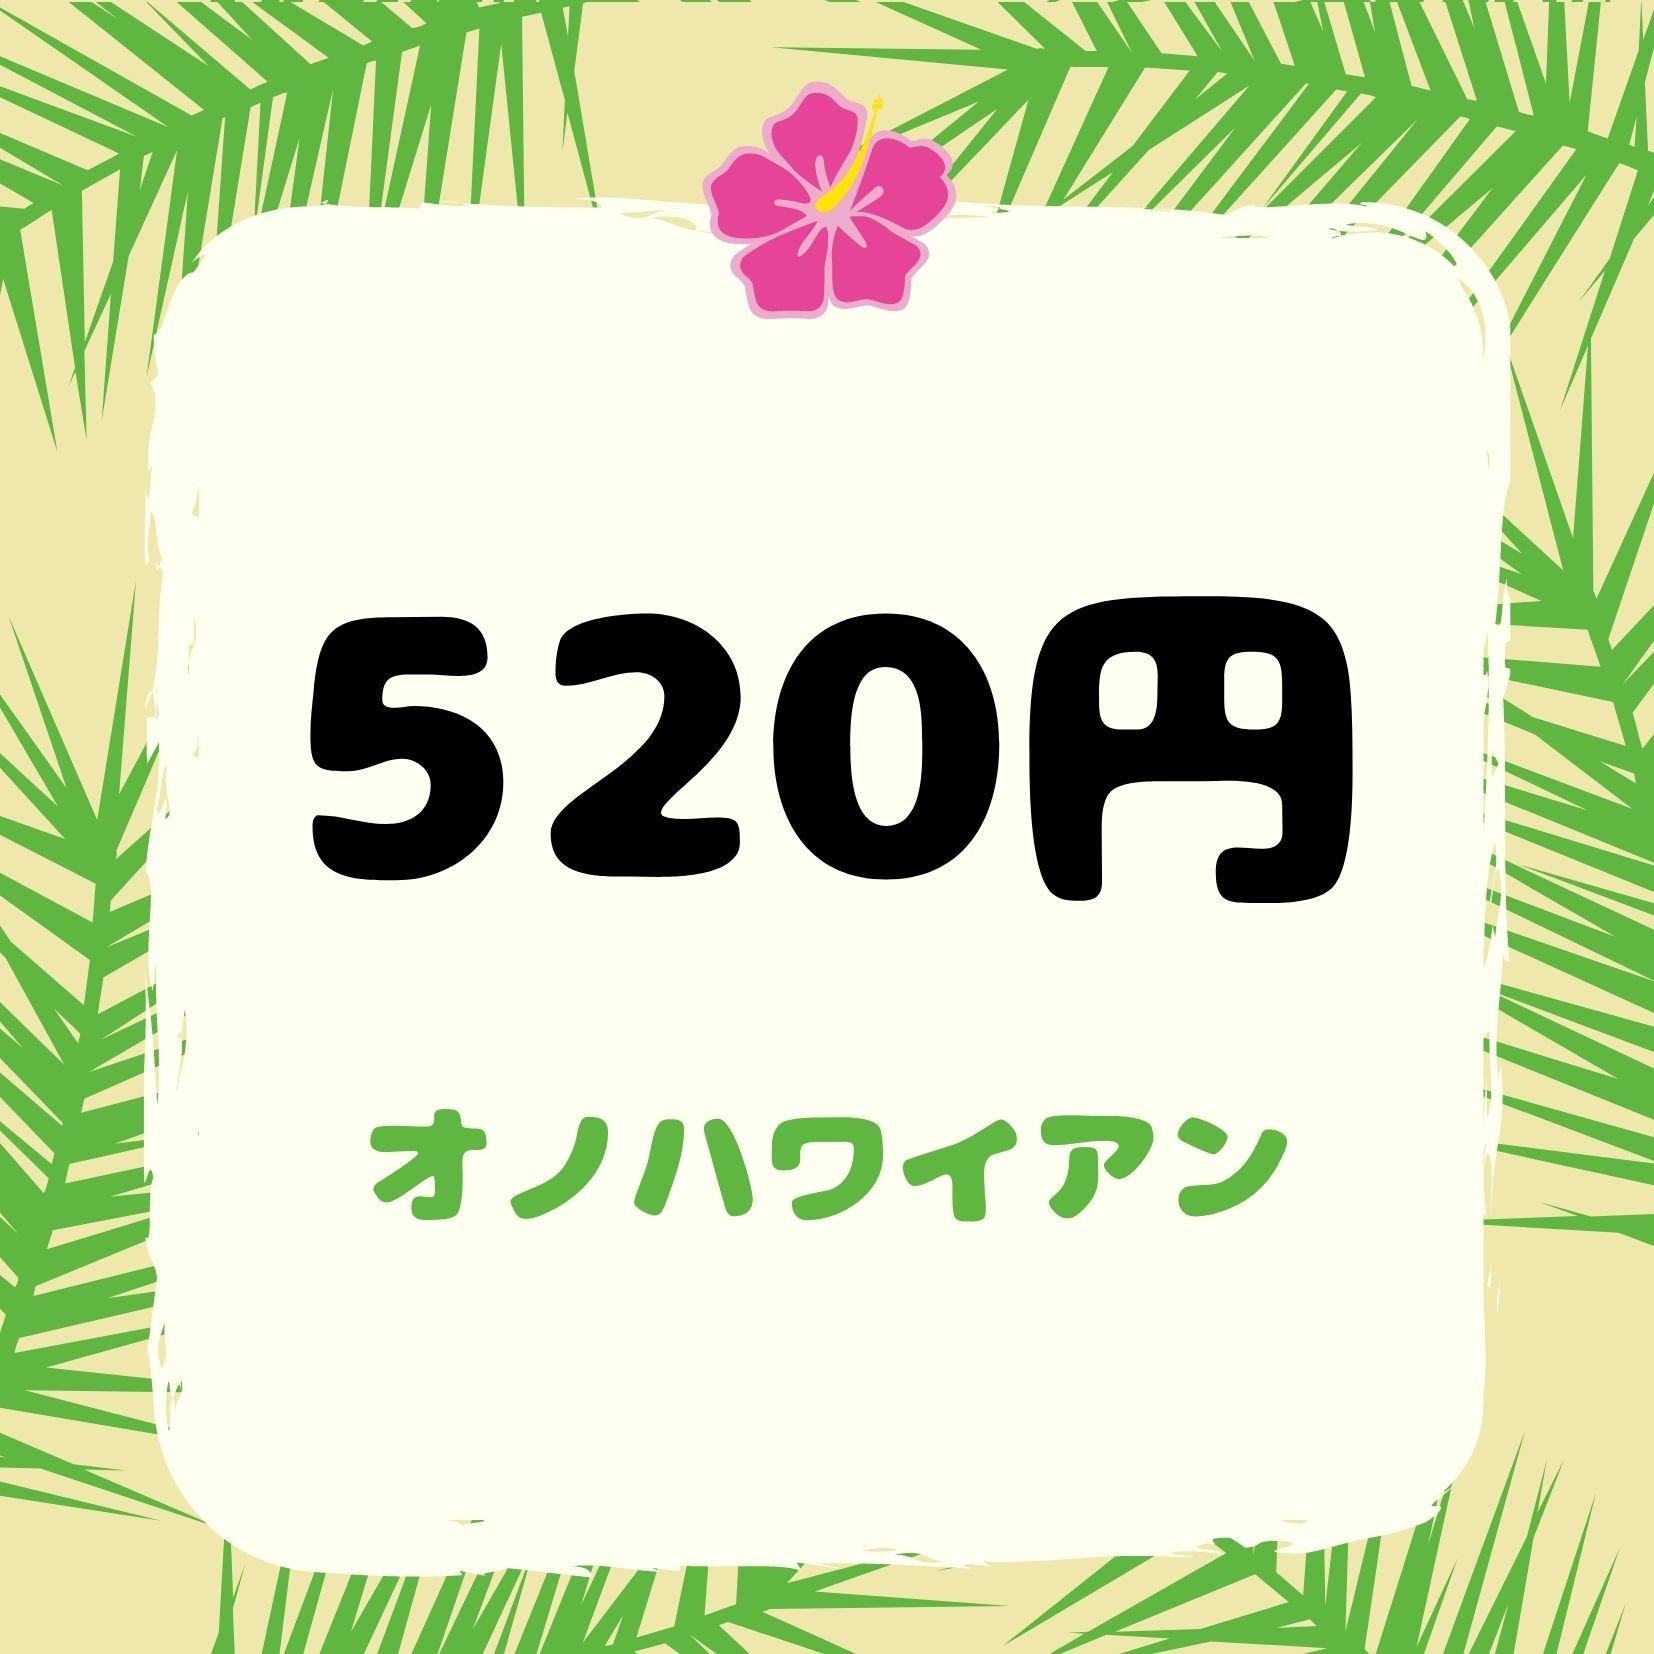 520円【店頭払い専用】ハートランドビール等のイメージその1